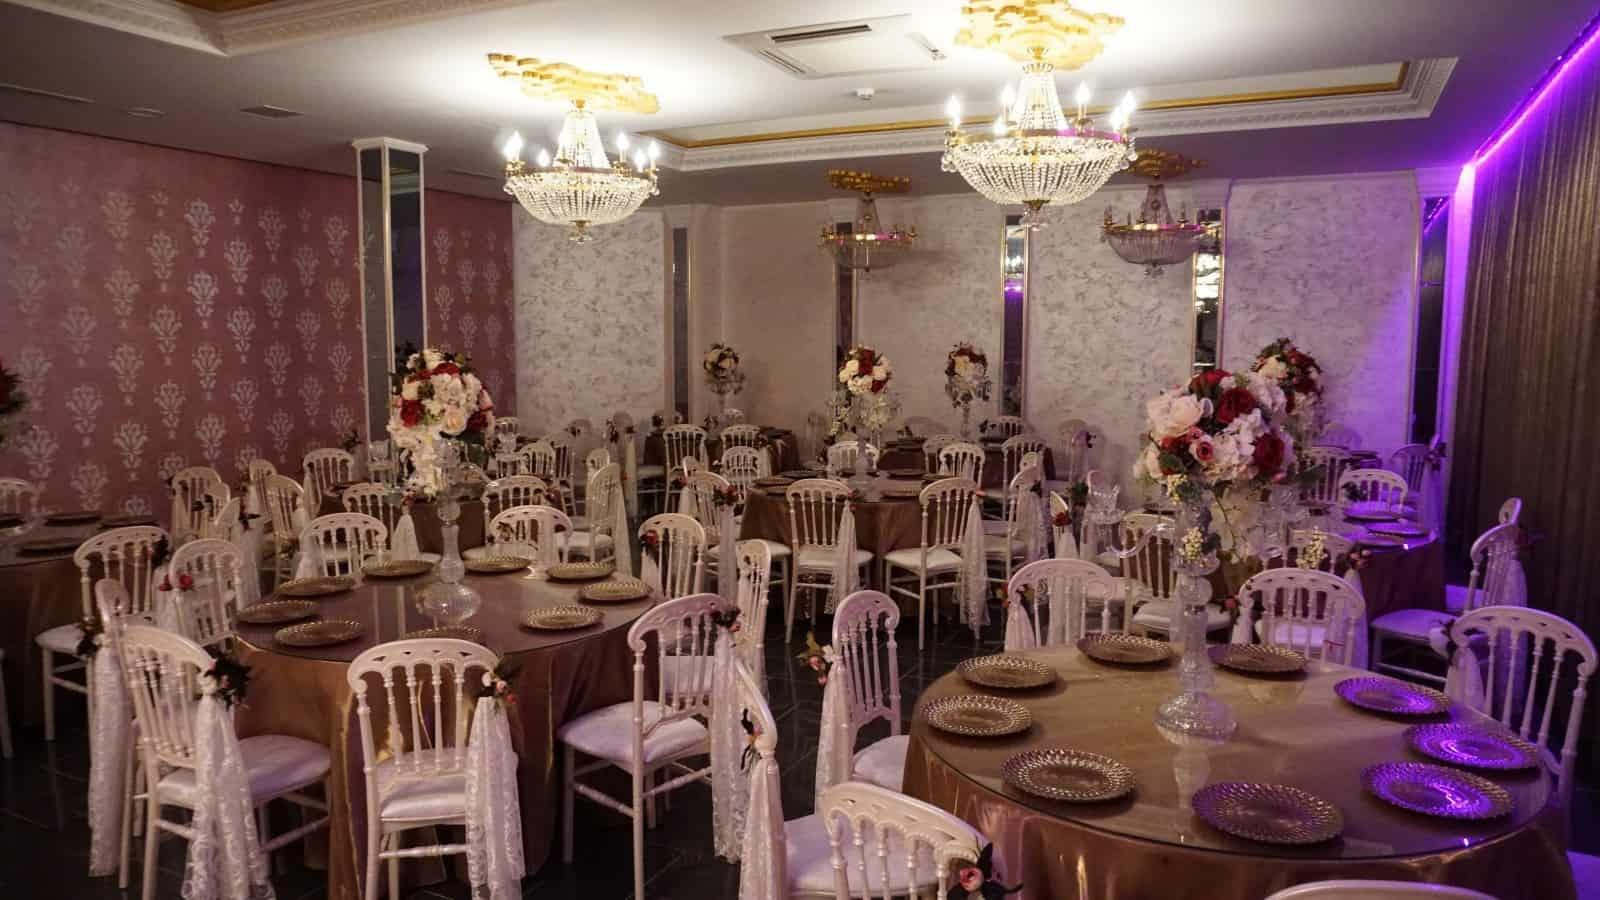 Violet Balo Davet Avcılar Düğün Fiyatları